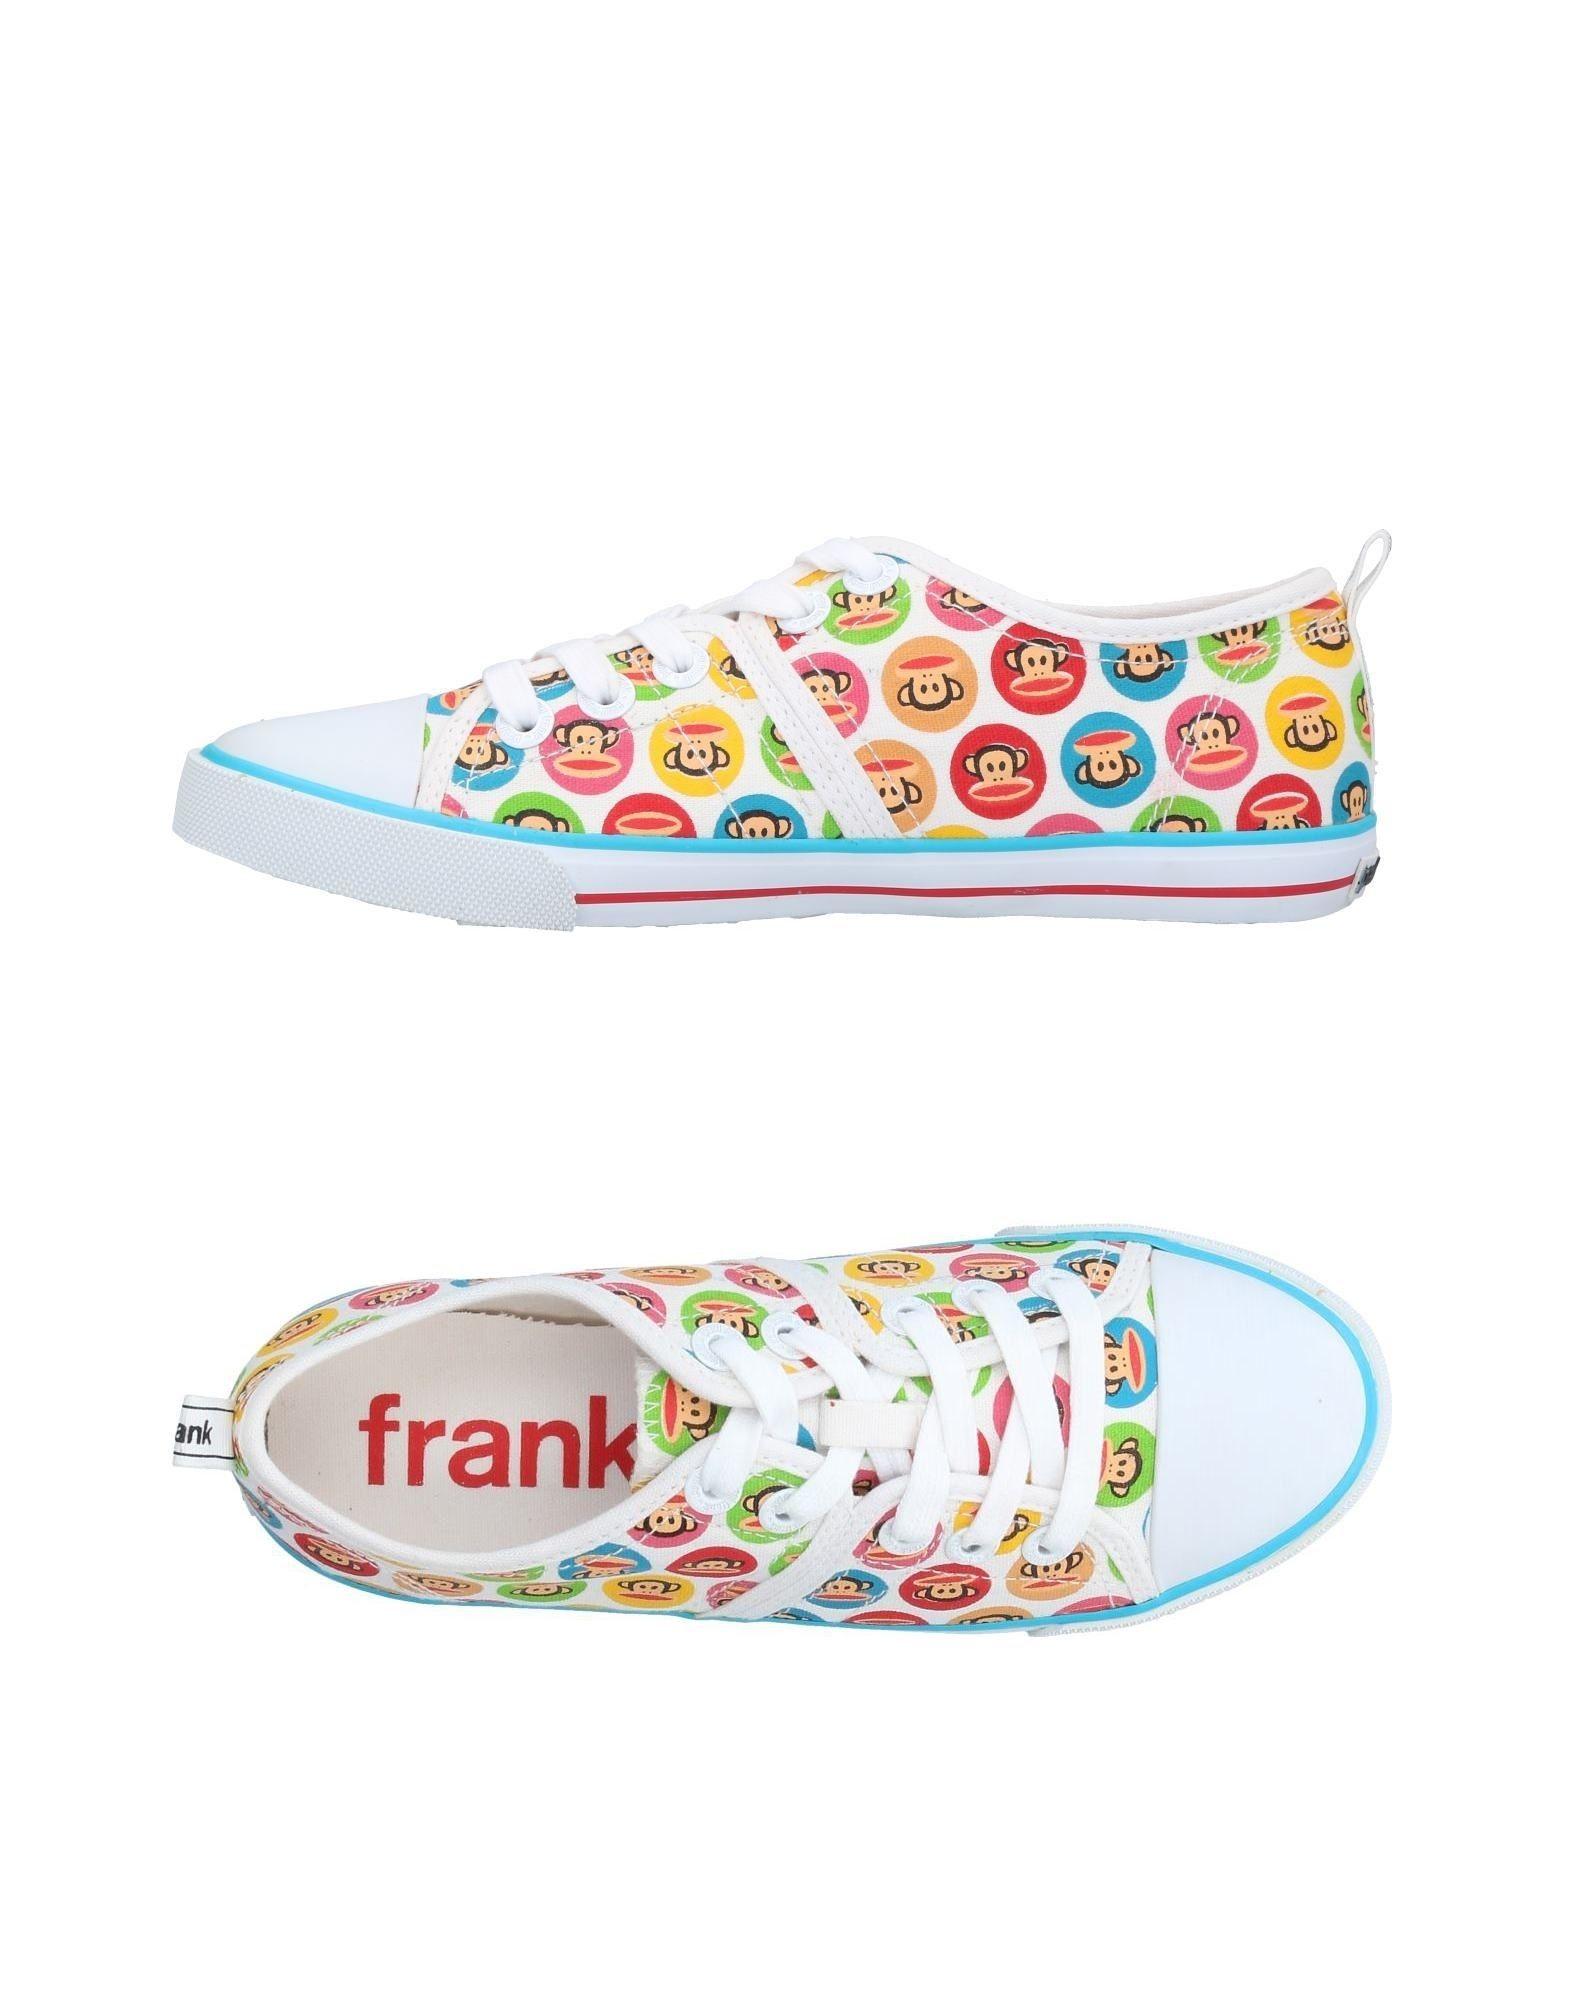 Zapatillas Paul Frank Mujer Zapatillas - Zapatillas Mujer Paul Frank  Blanco d81fd6